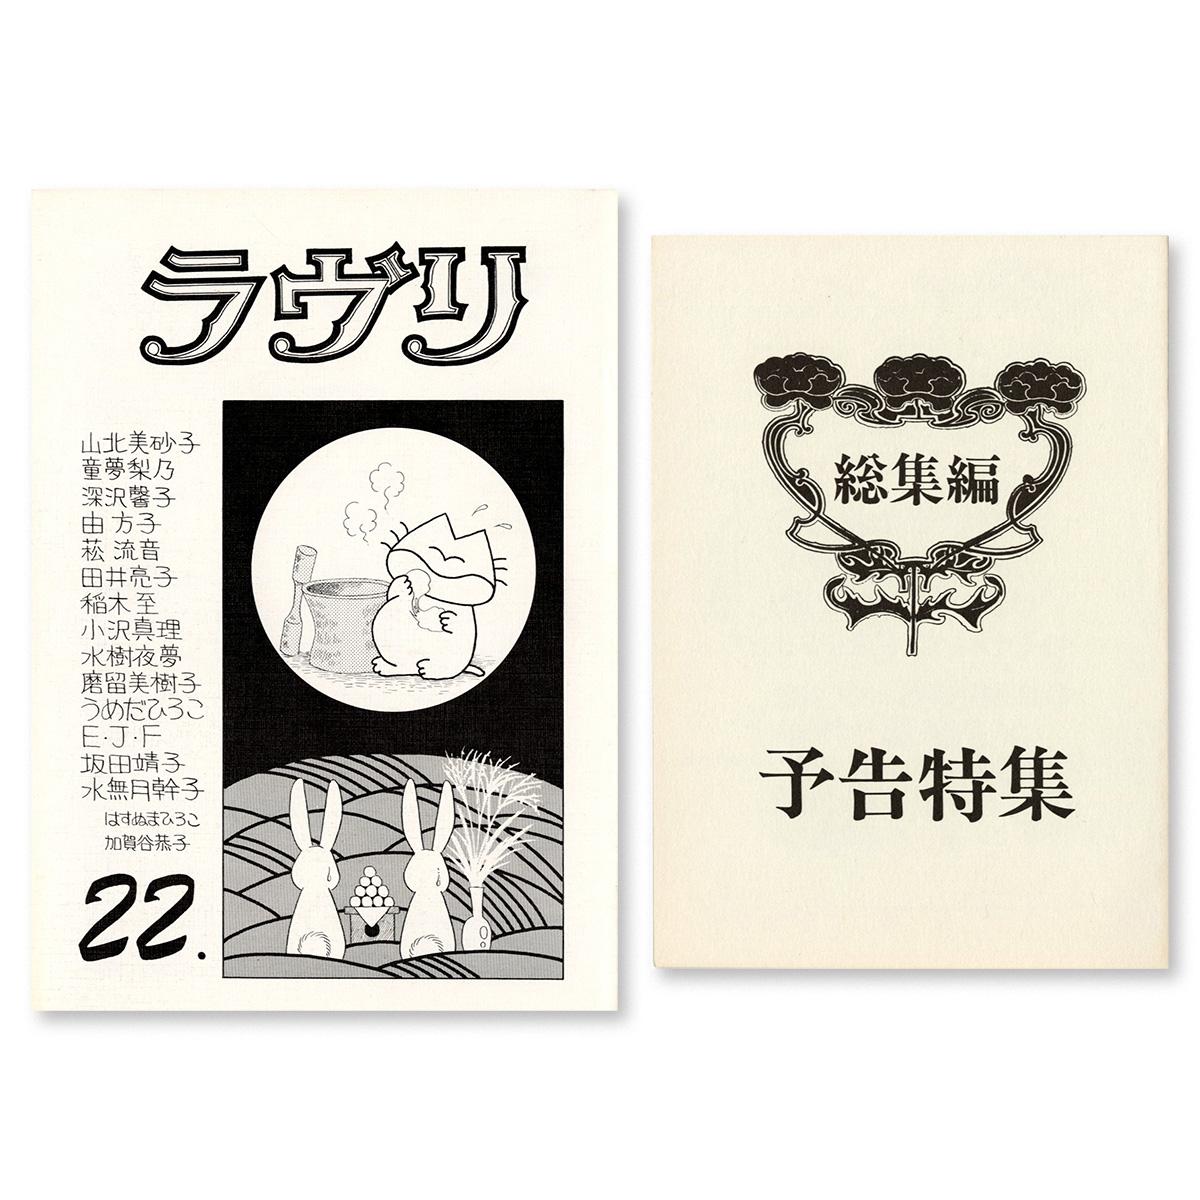 坂田靖子同人誌セット ラヴリ27号/総集編 予告特集